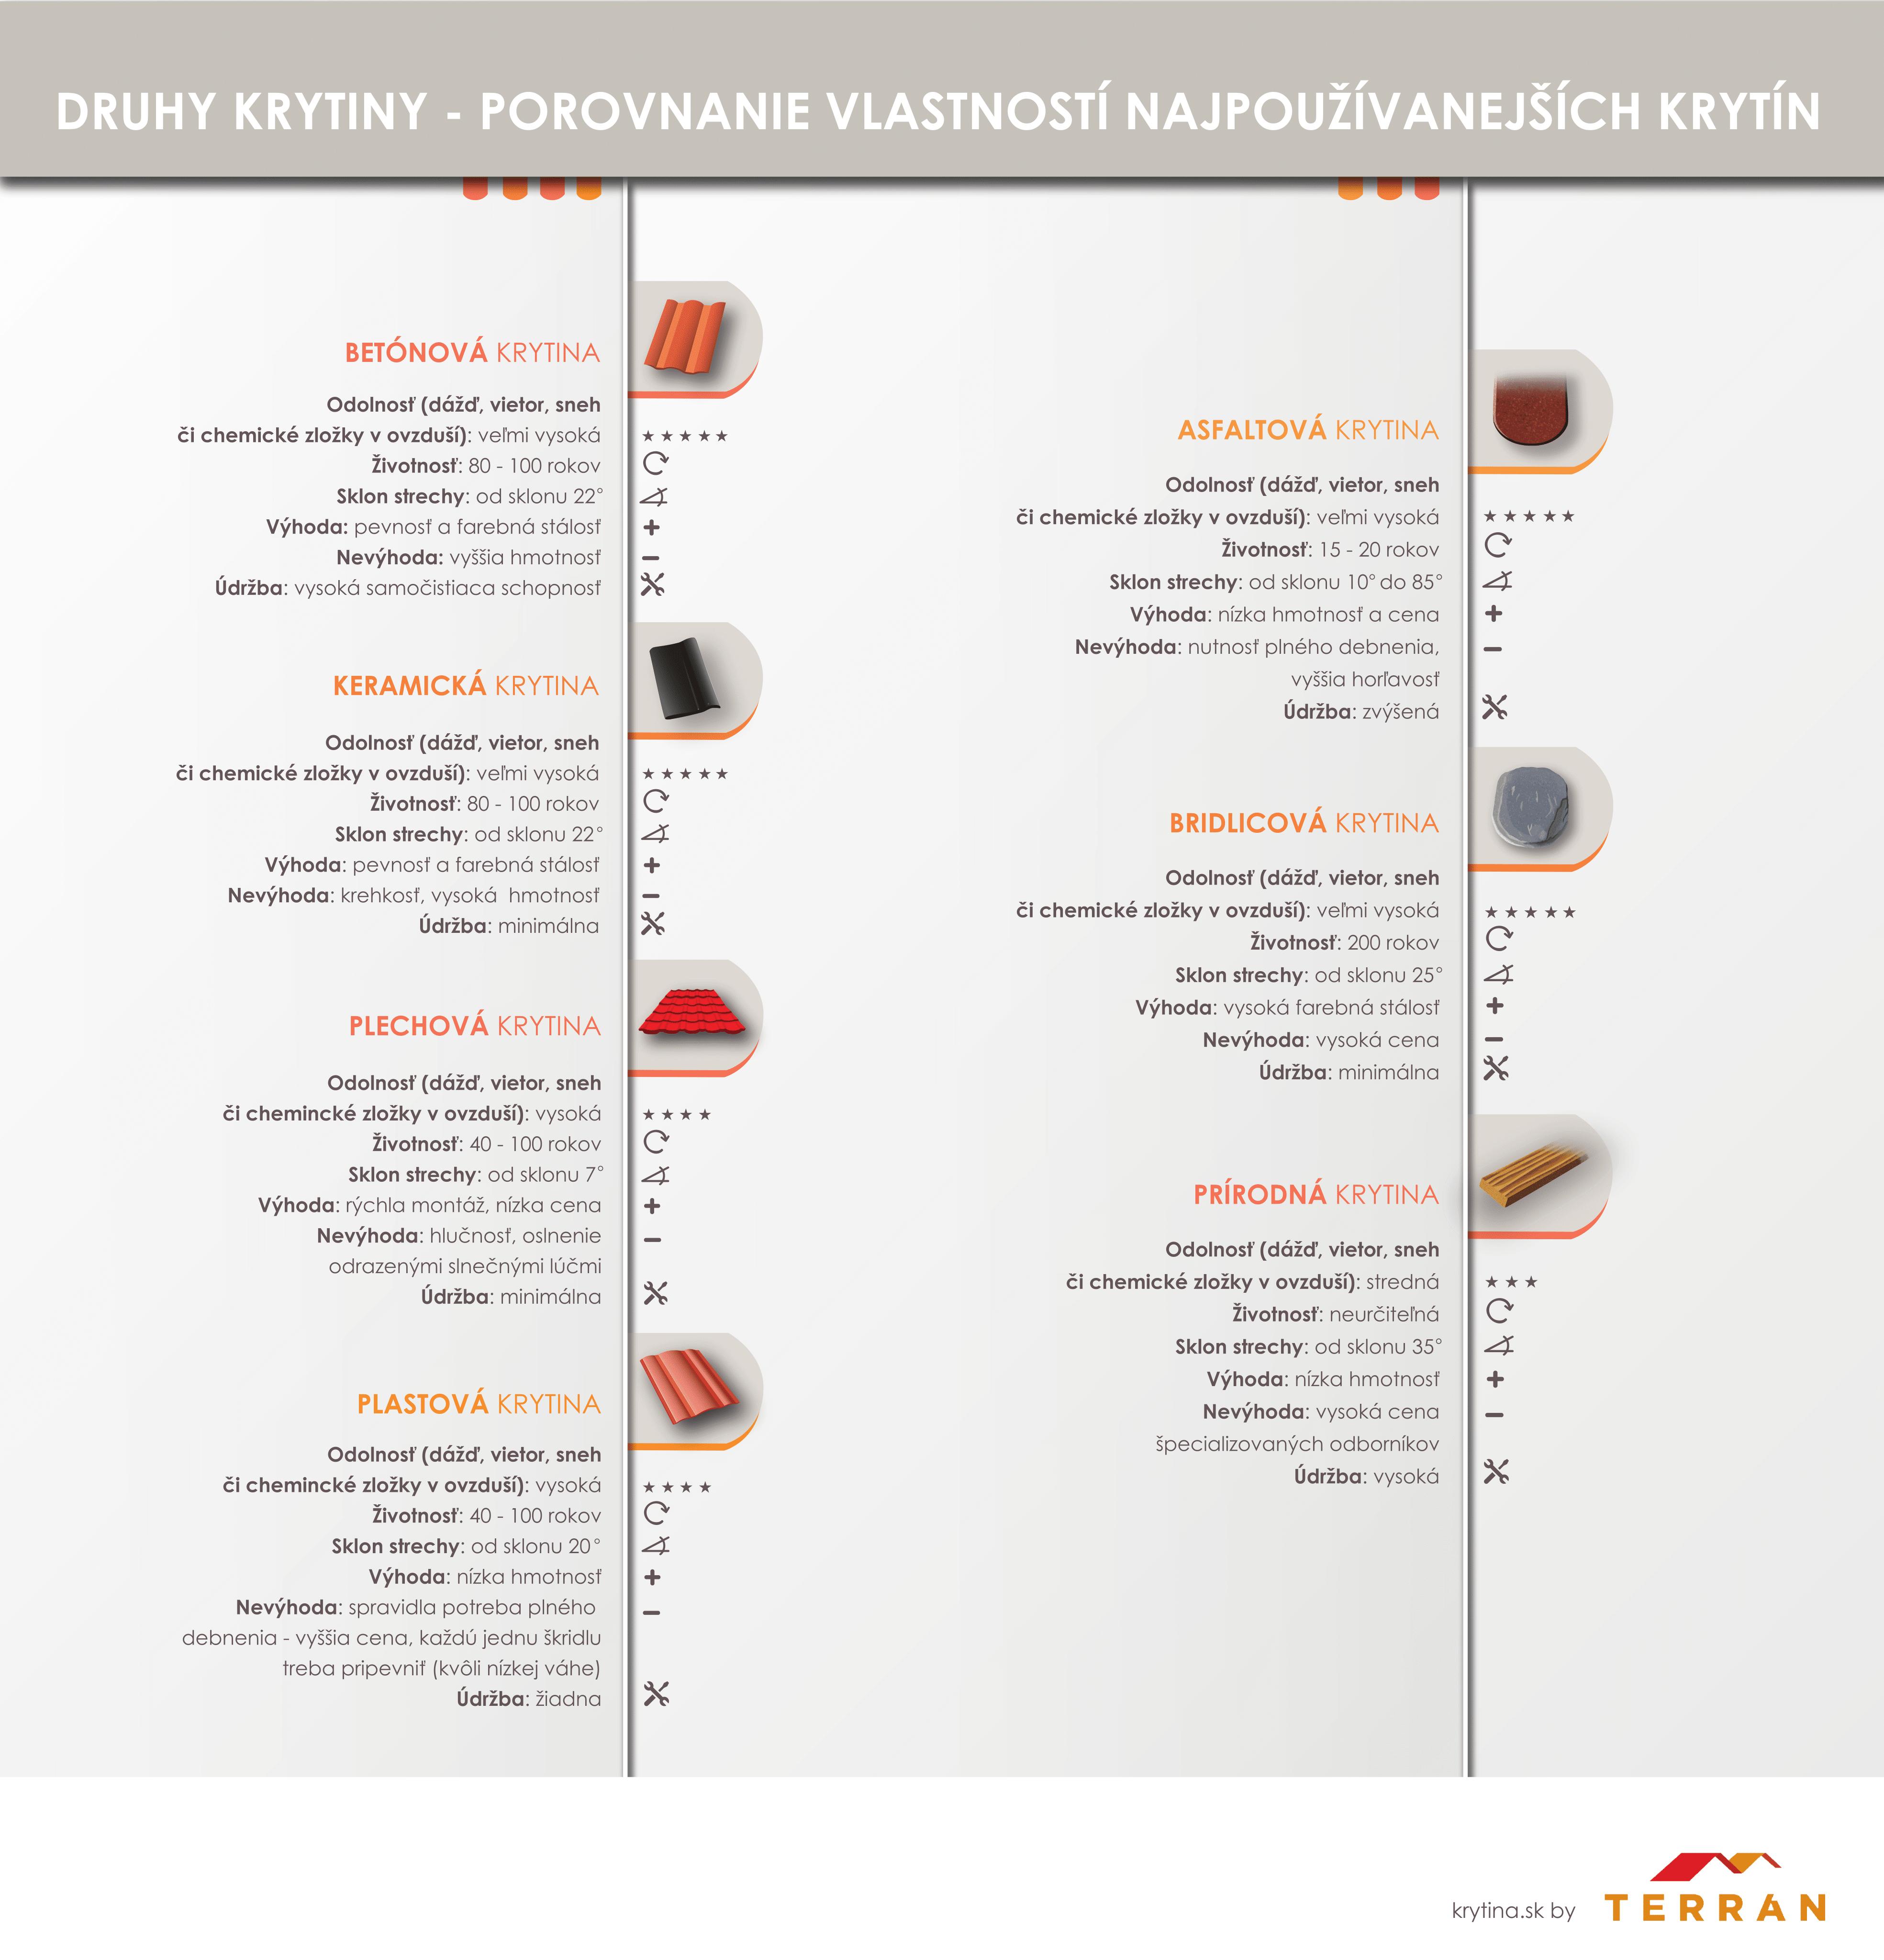 Vlastnosti krytiny - infografika